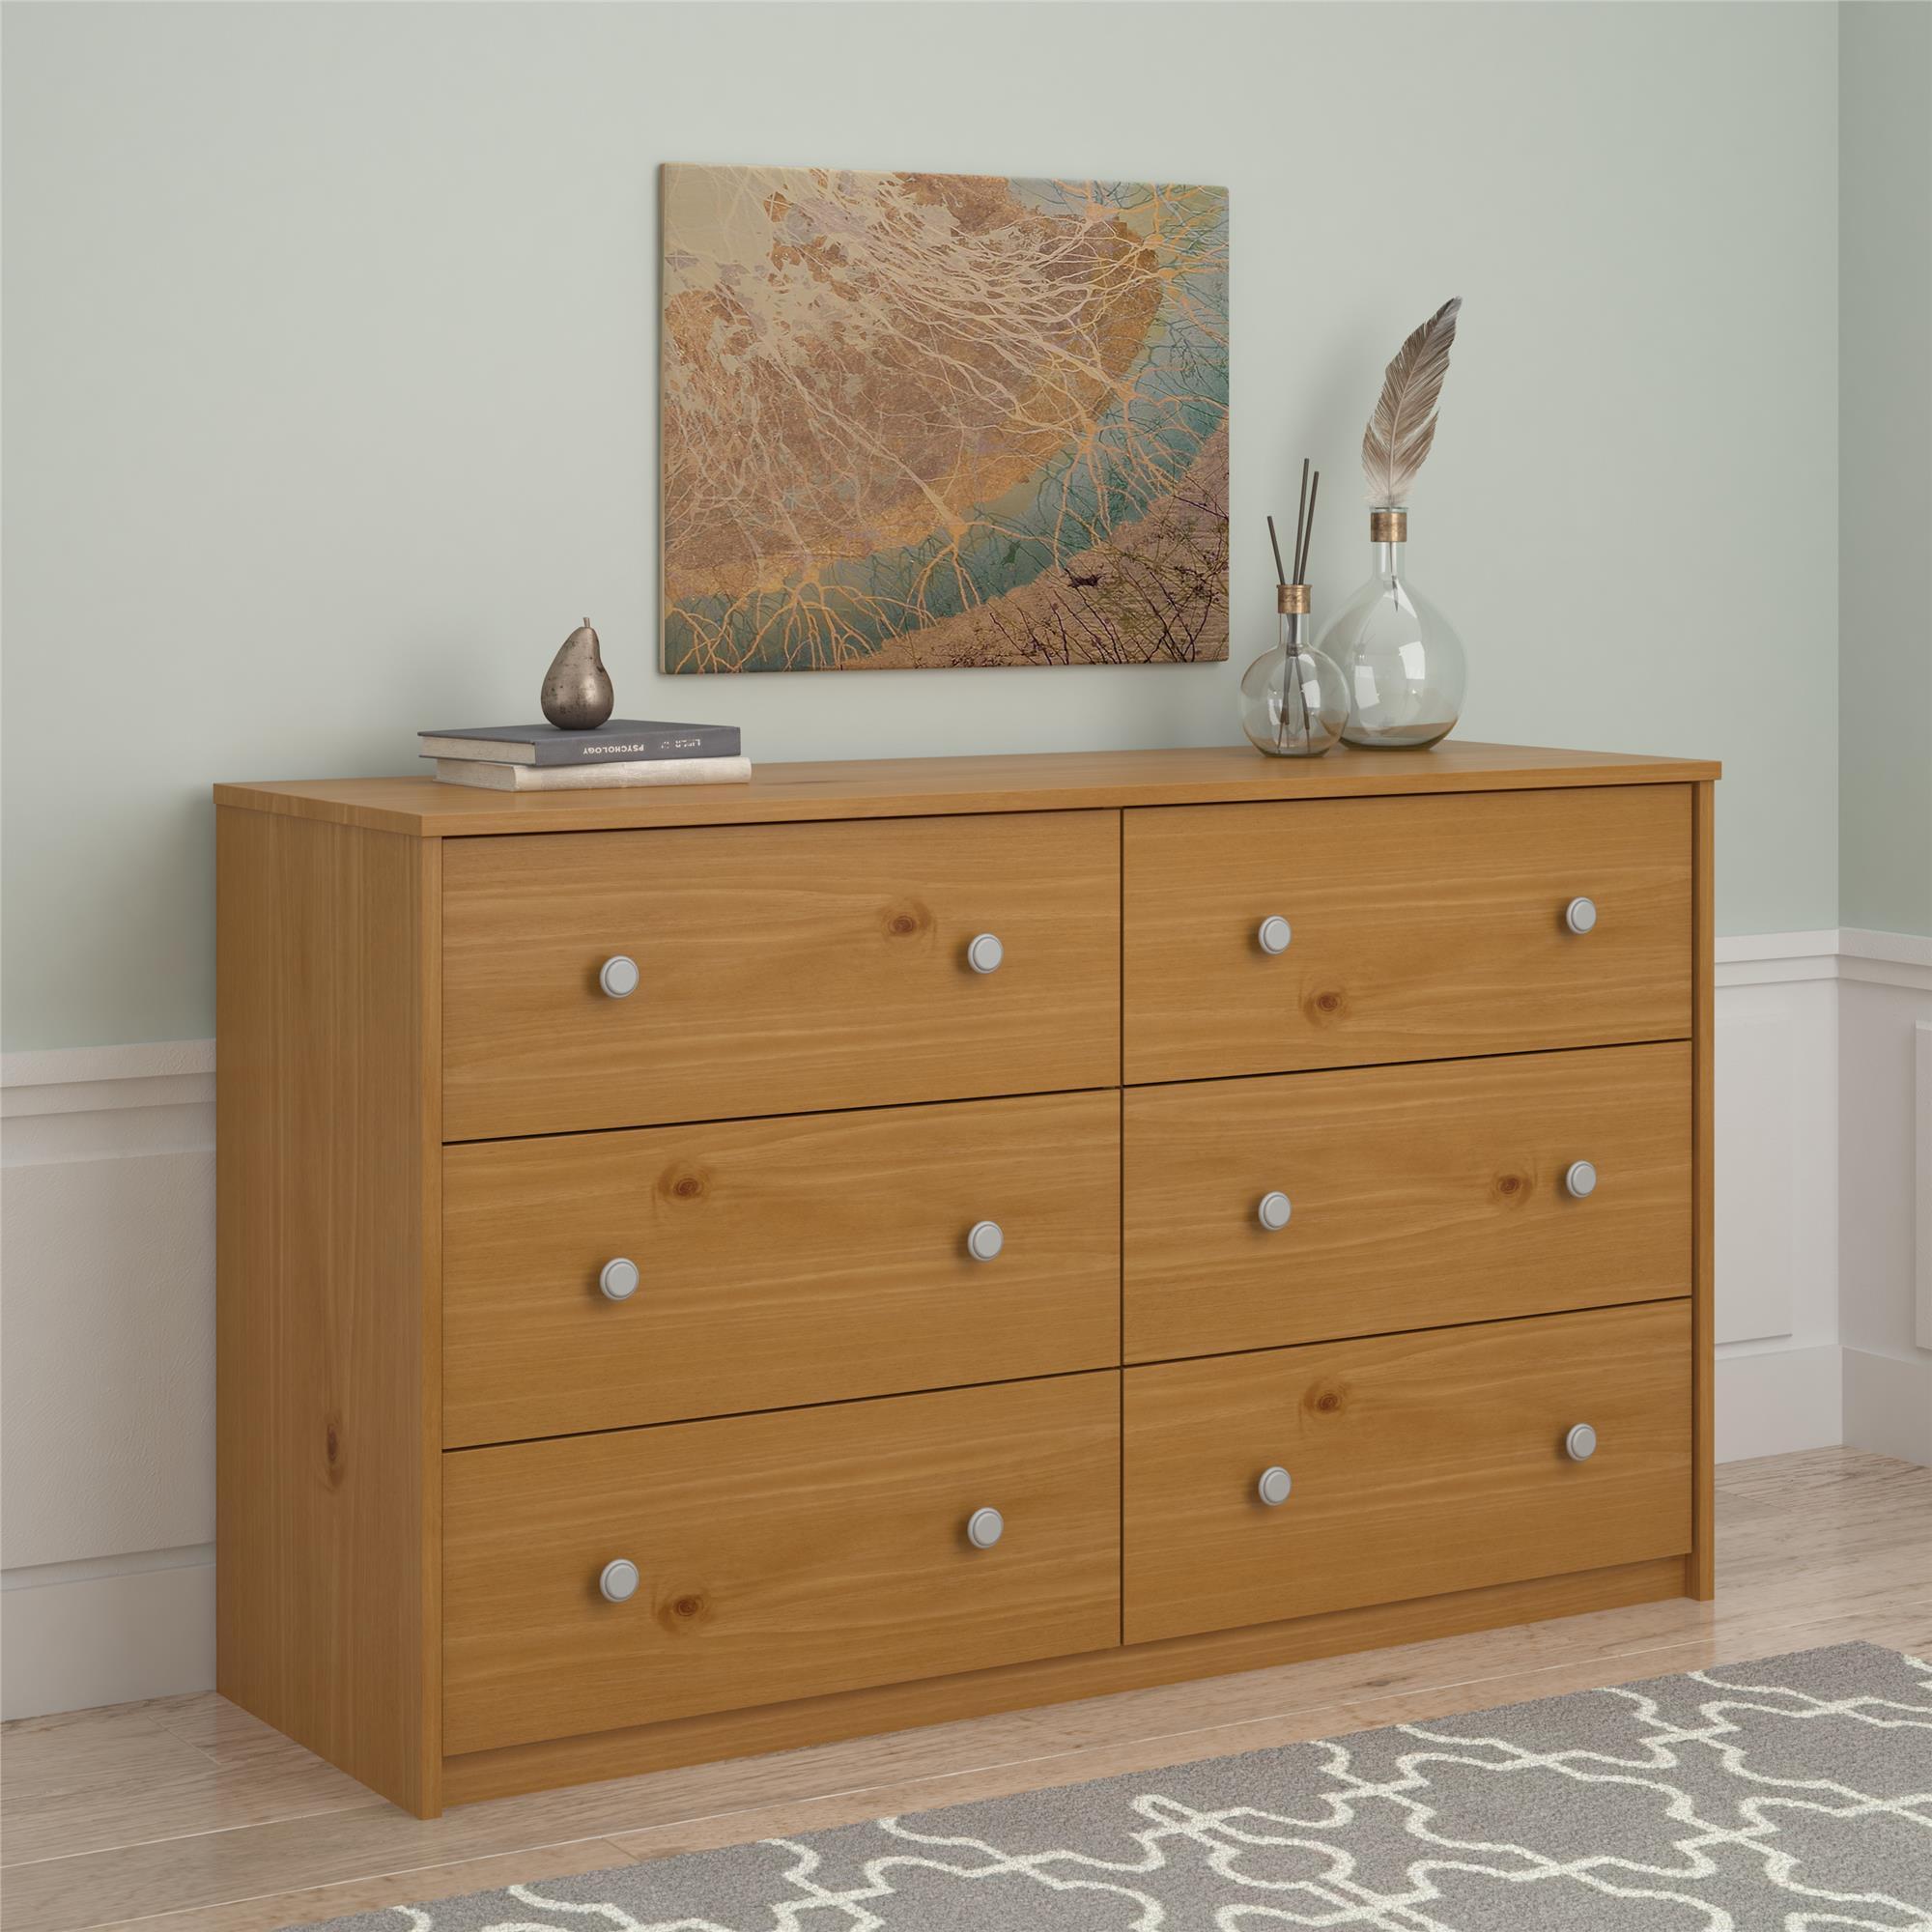 Essential Home Belmont 6-drawer Dresser - Pine